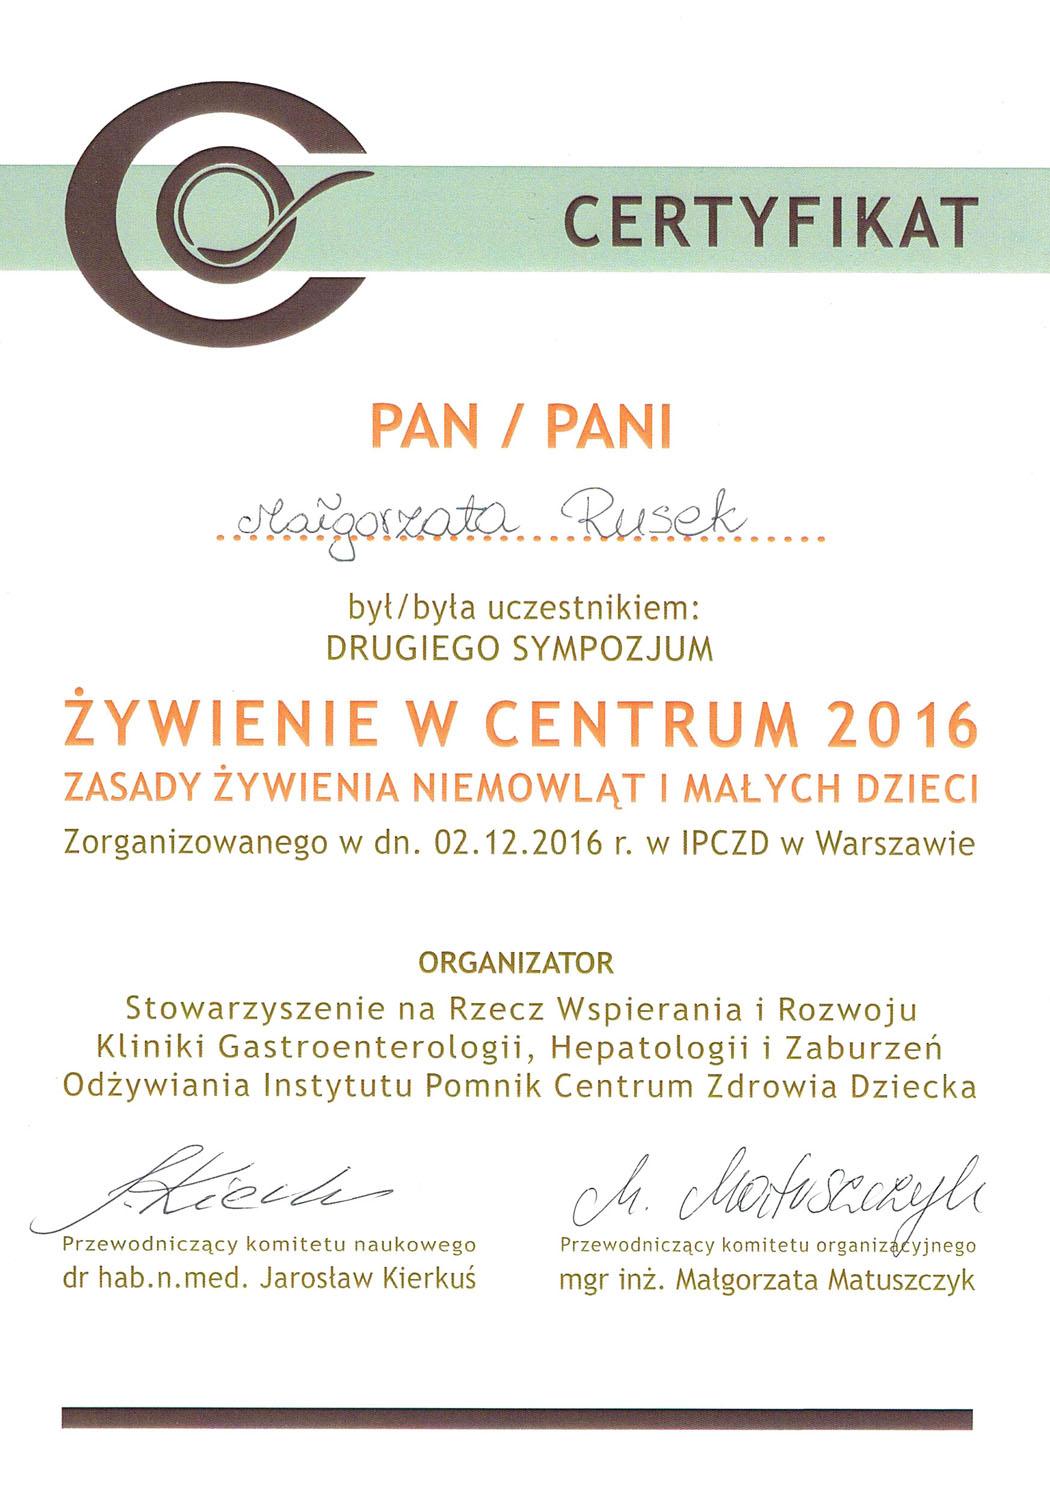 Żywienie wCentrum 2016 02.12.2016